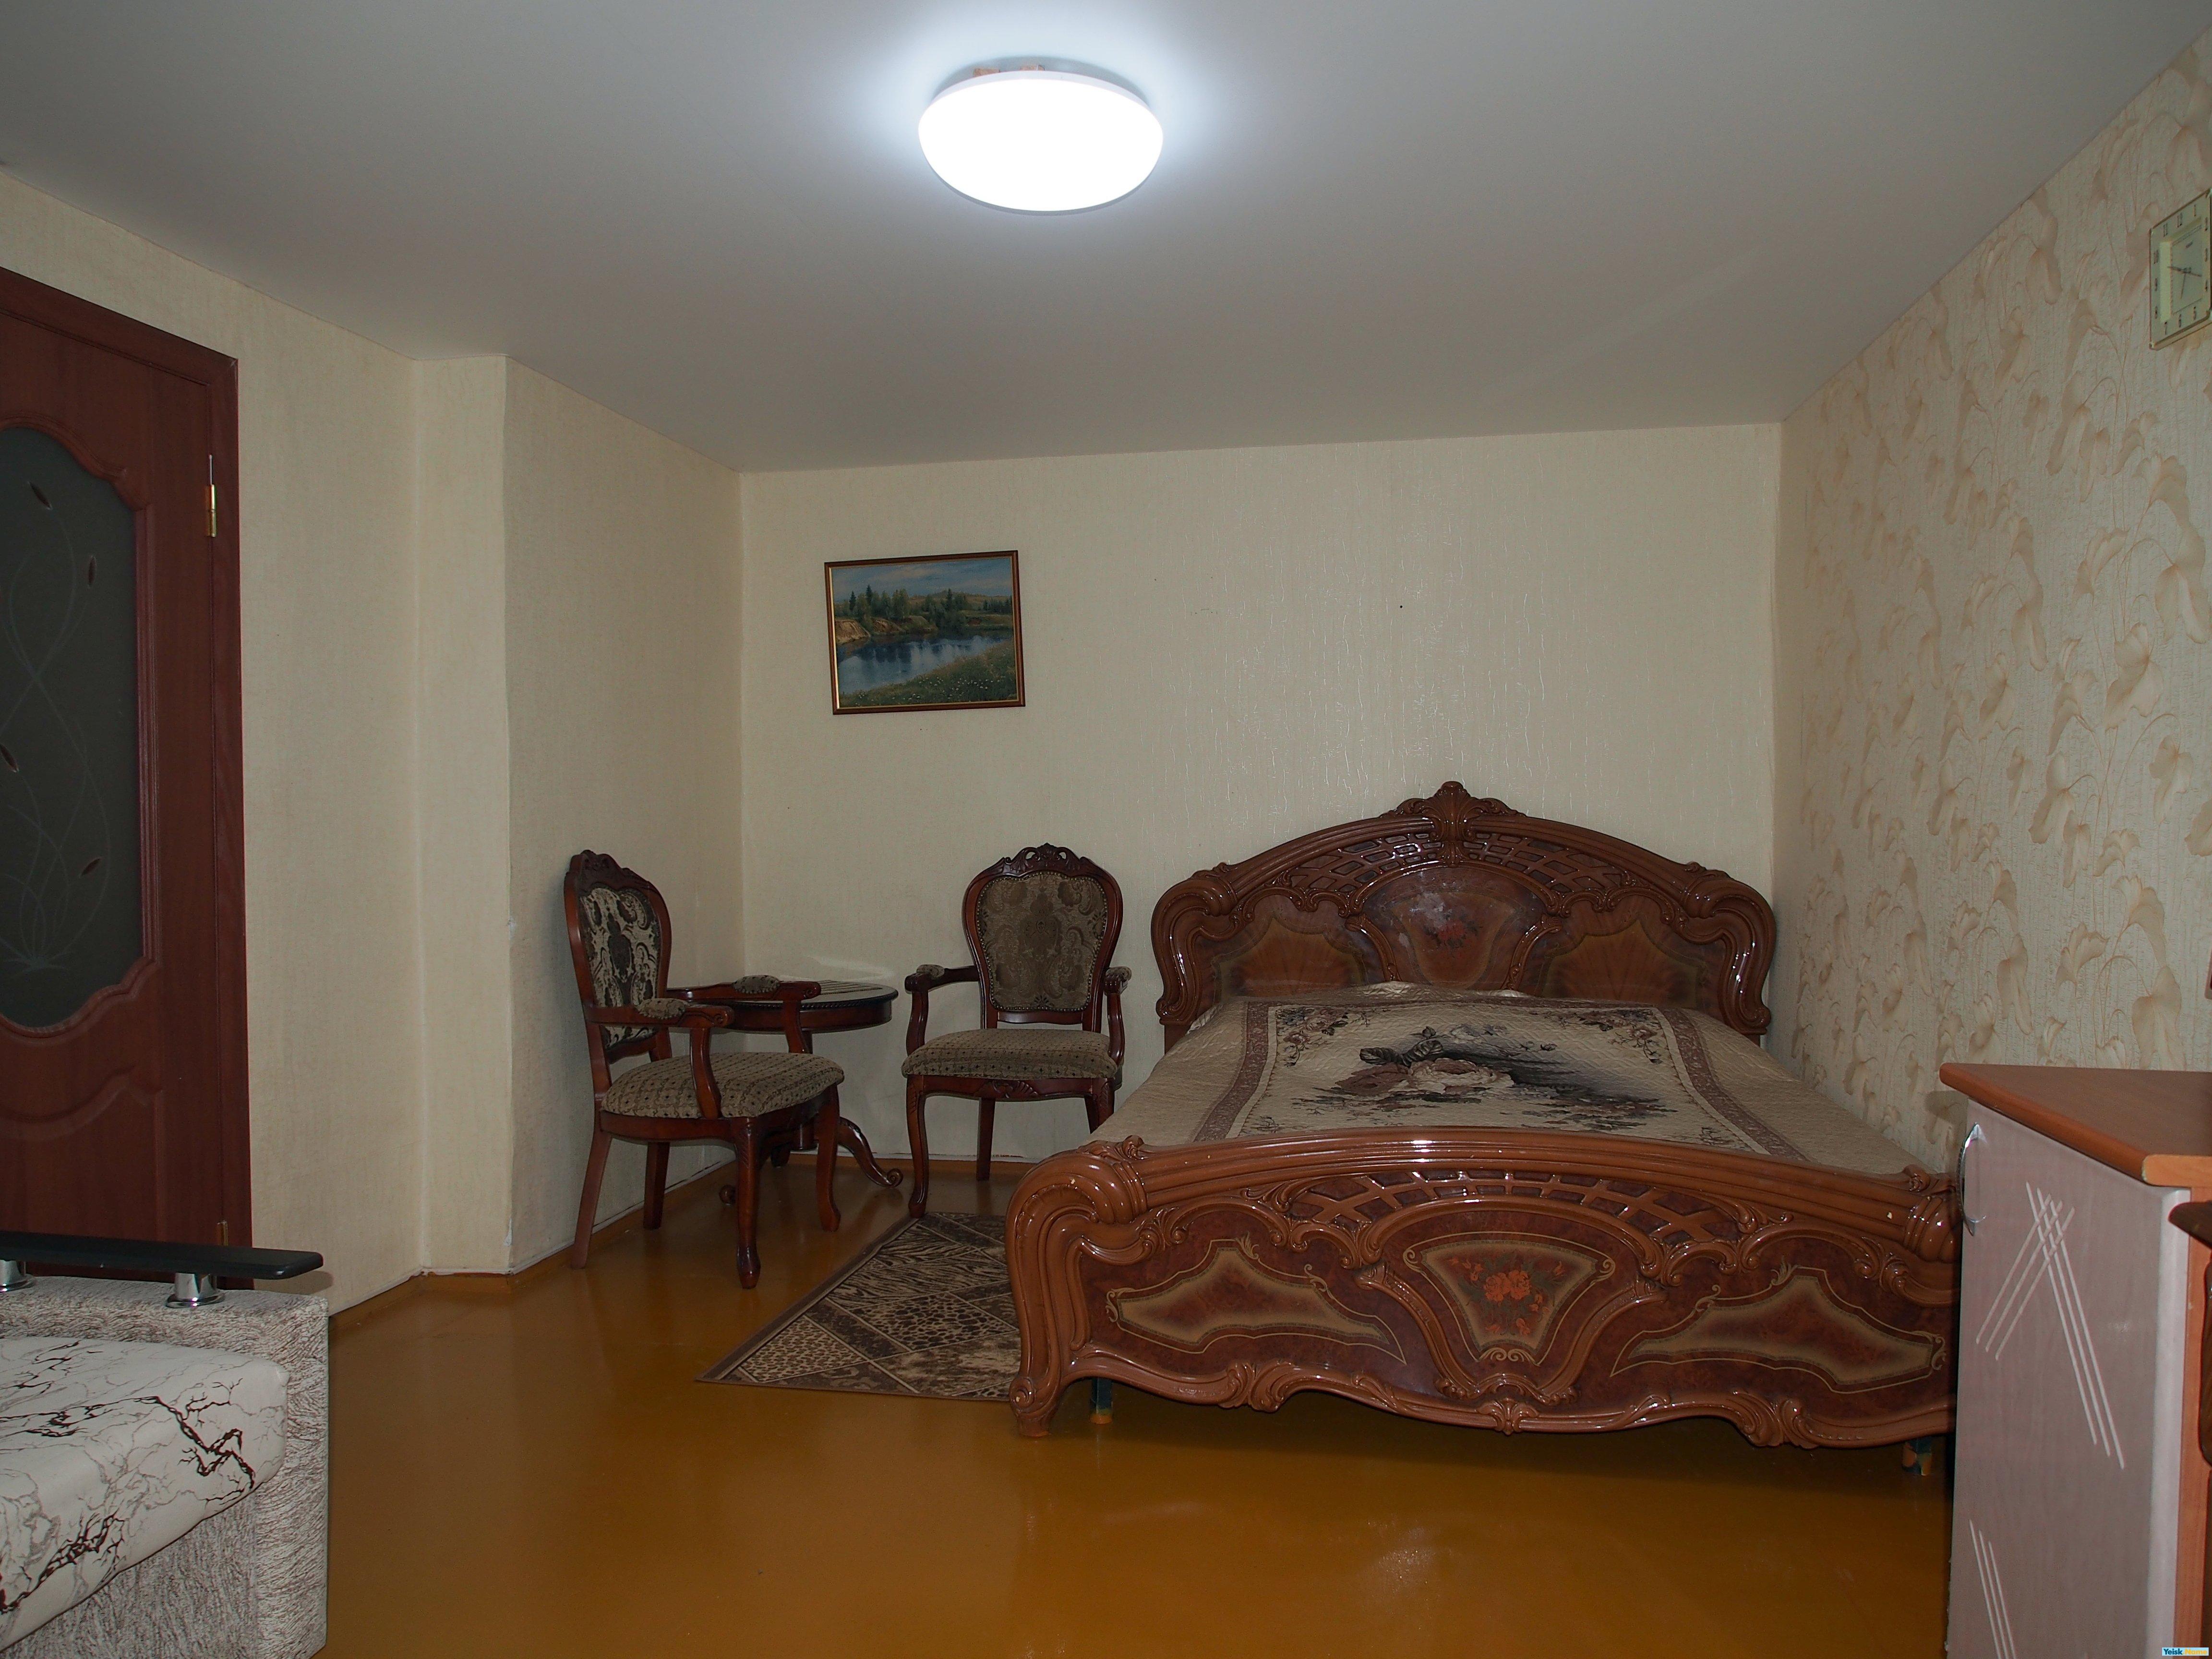 Дом на ул.Морская вариант №179